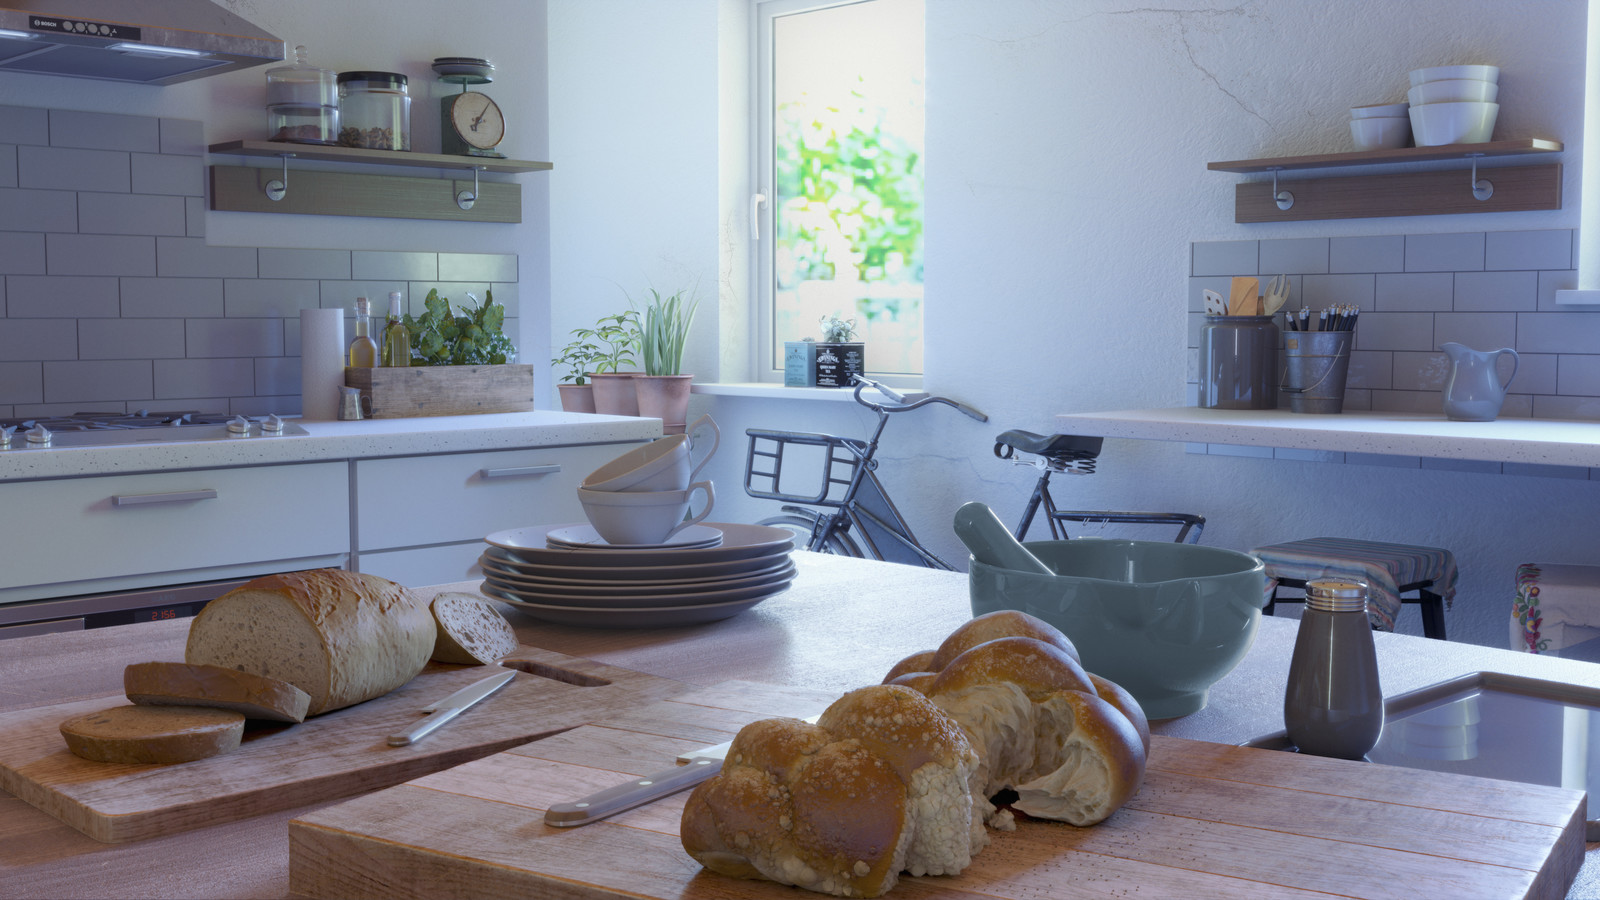 Rustic Kitchen - Corona Renderer